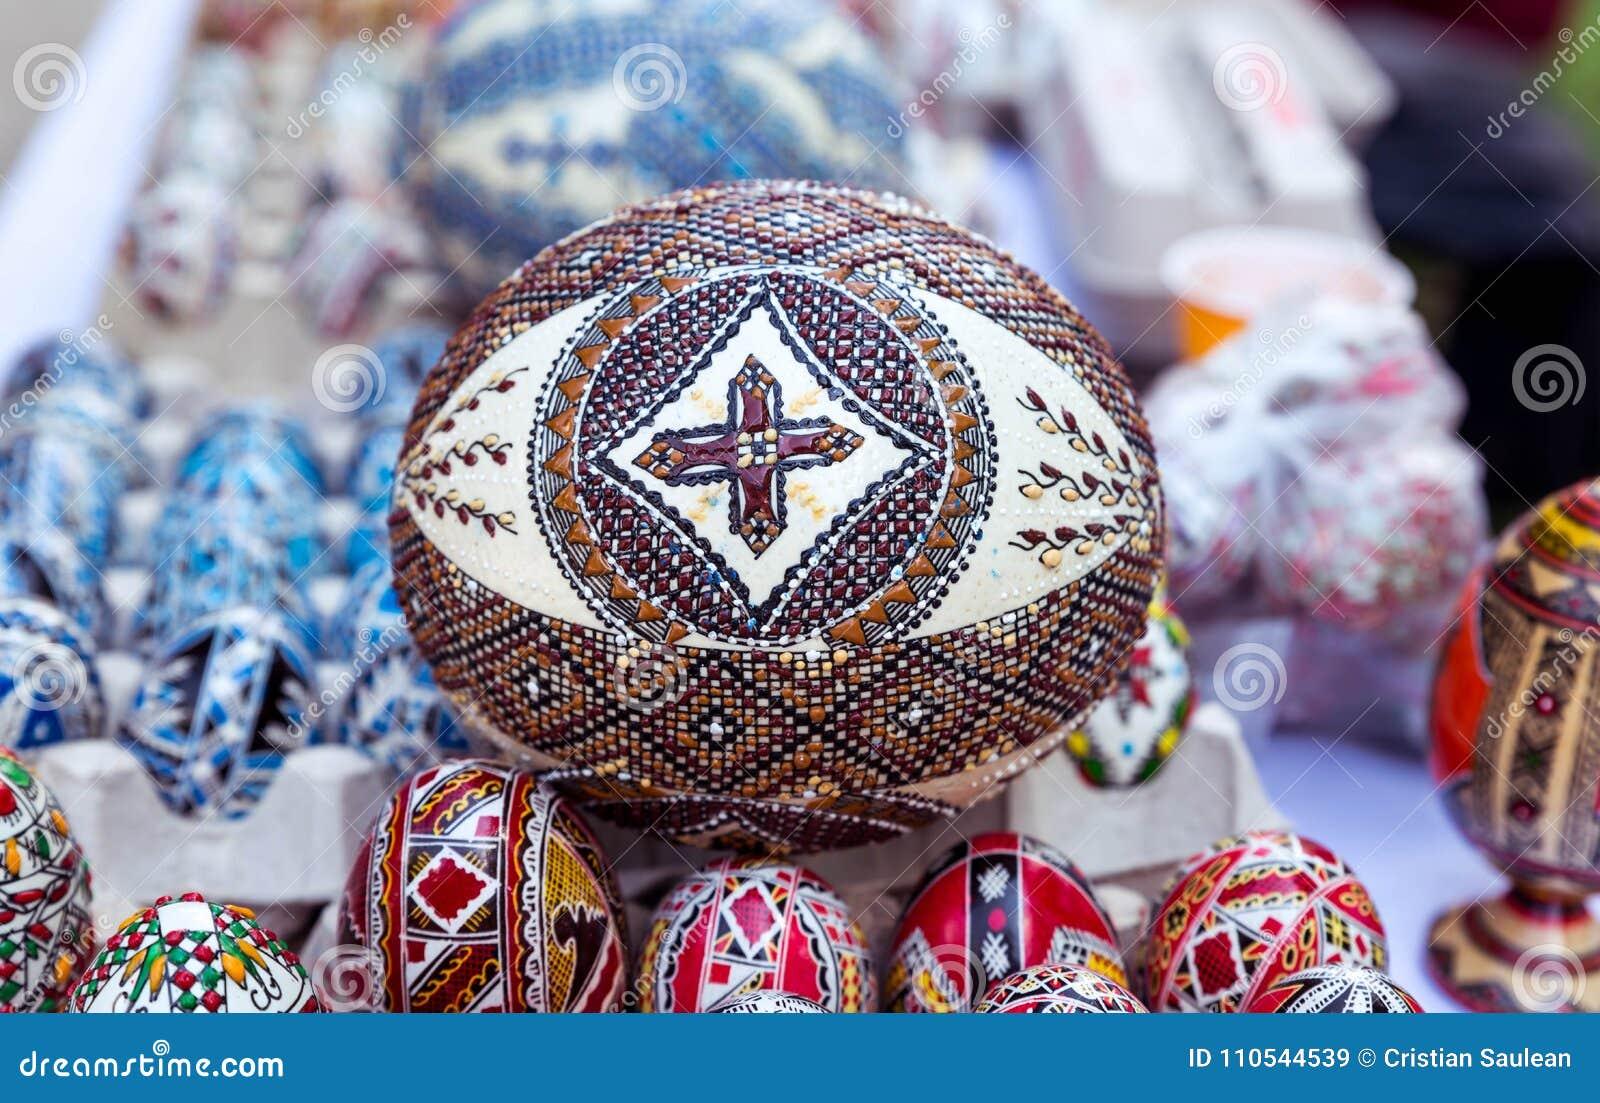 Ovo da páscoa tradicional, pintado à mão